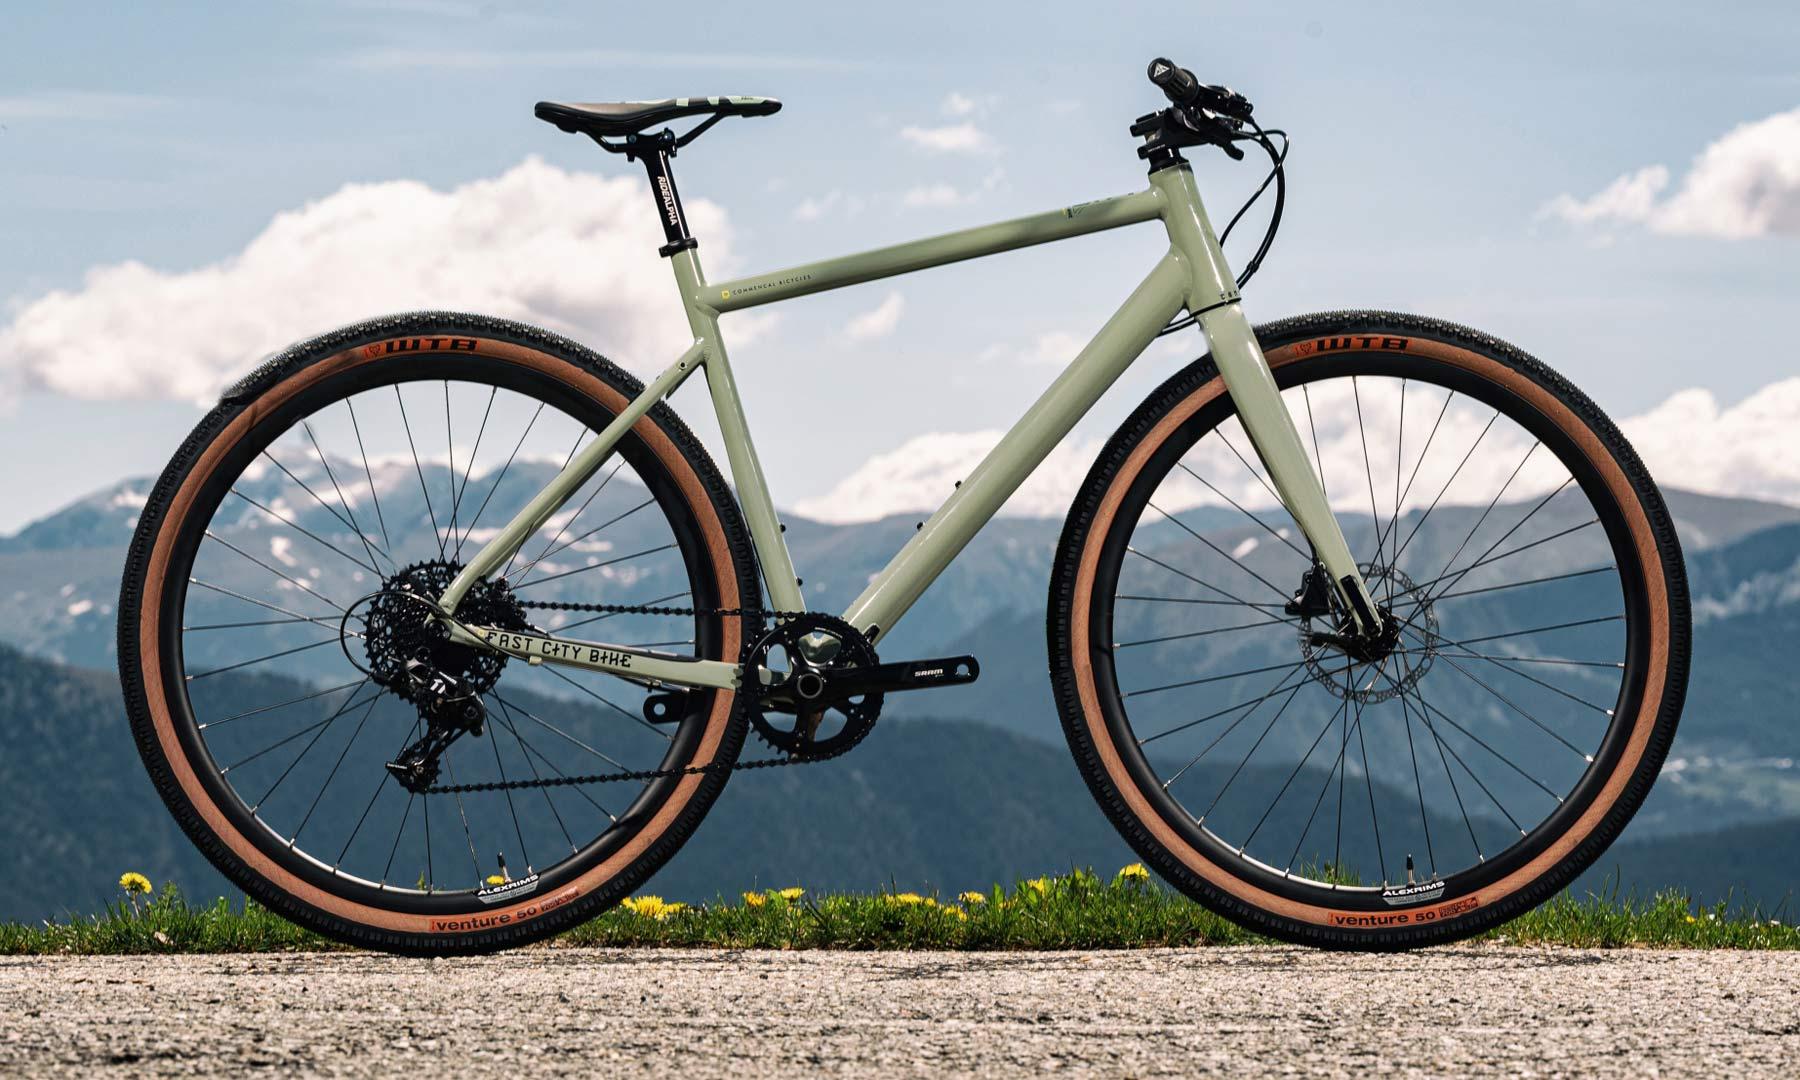 Commencal FCB Gravel project frameset, frame kit option, custom gravel bike build,flat bar